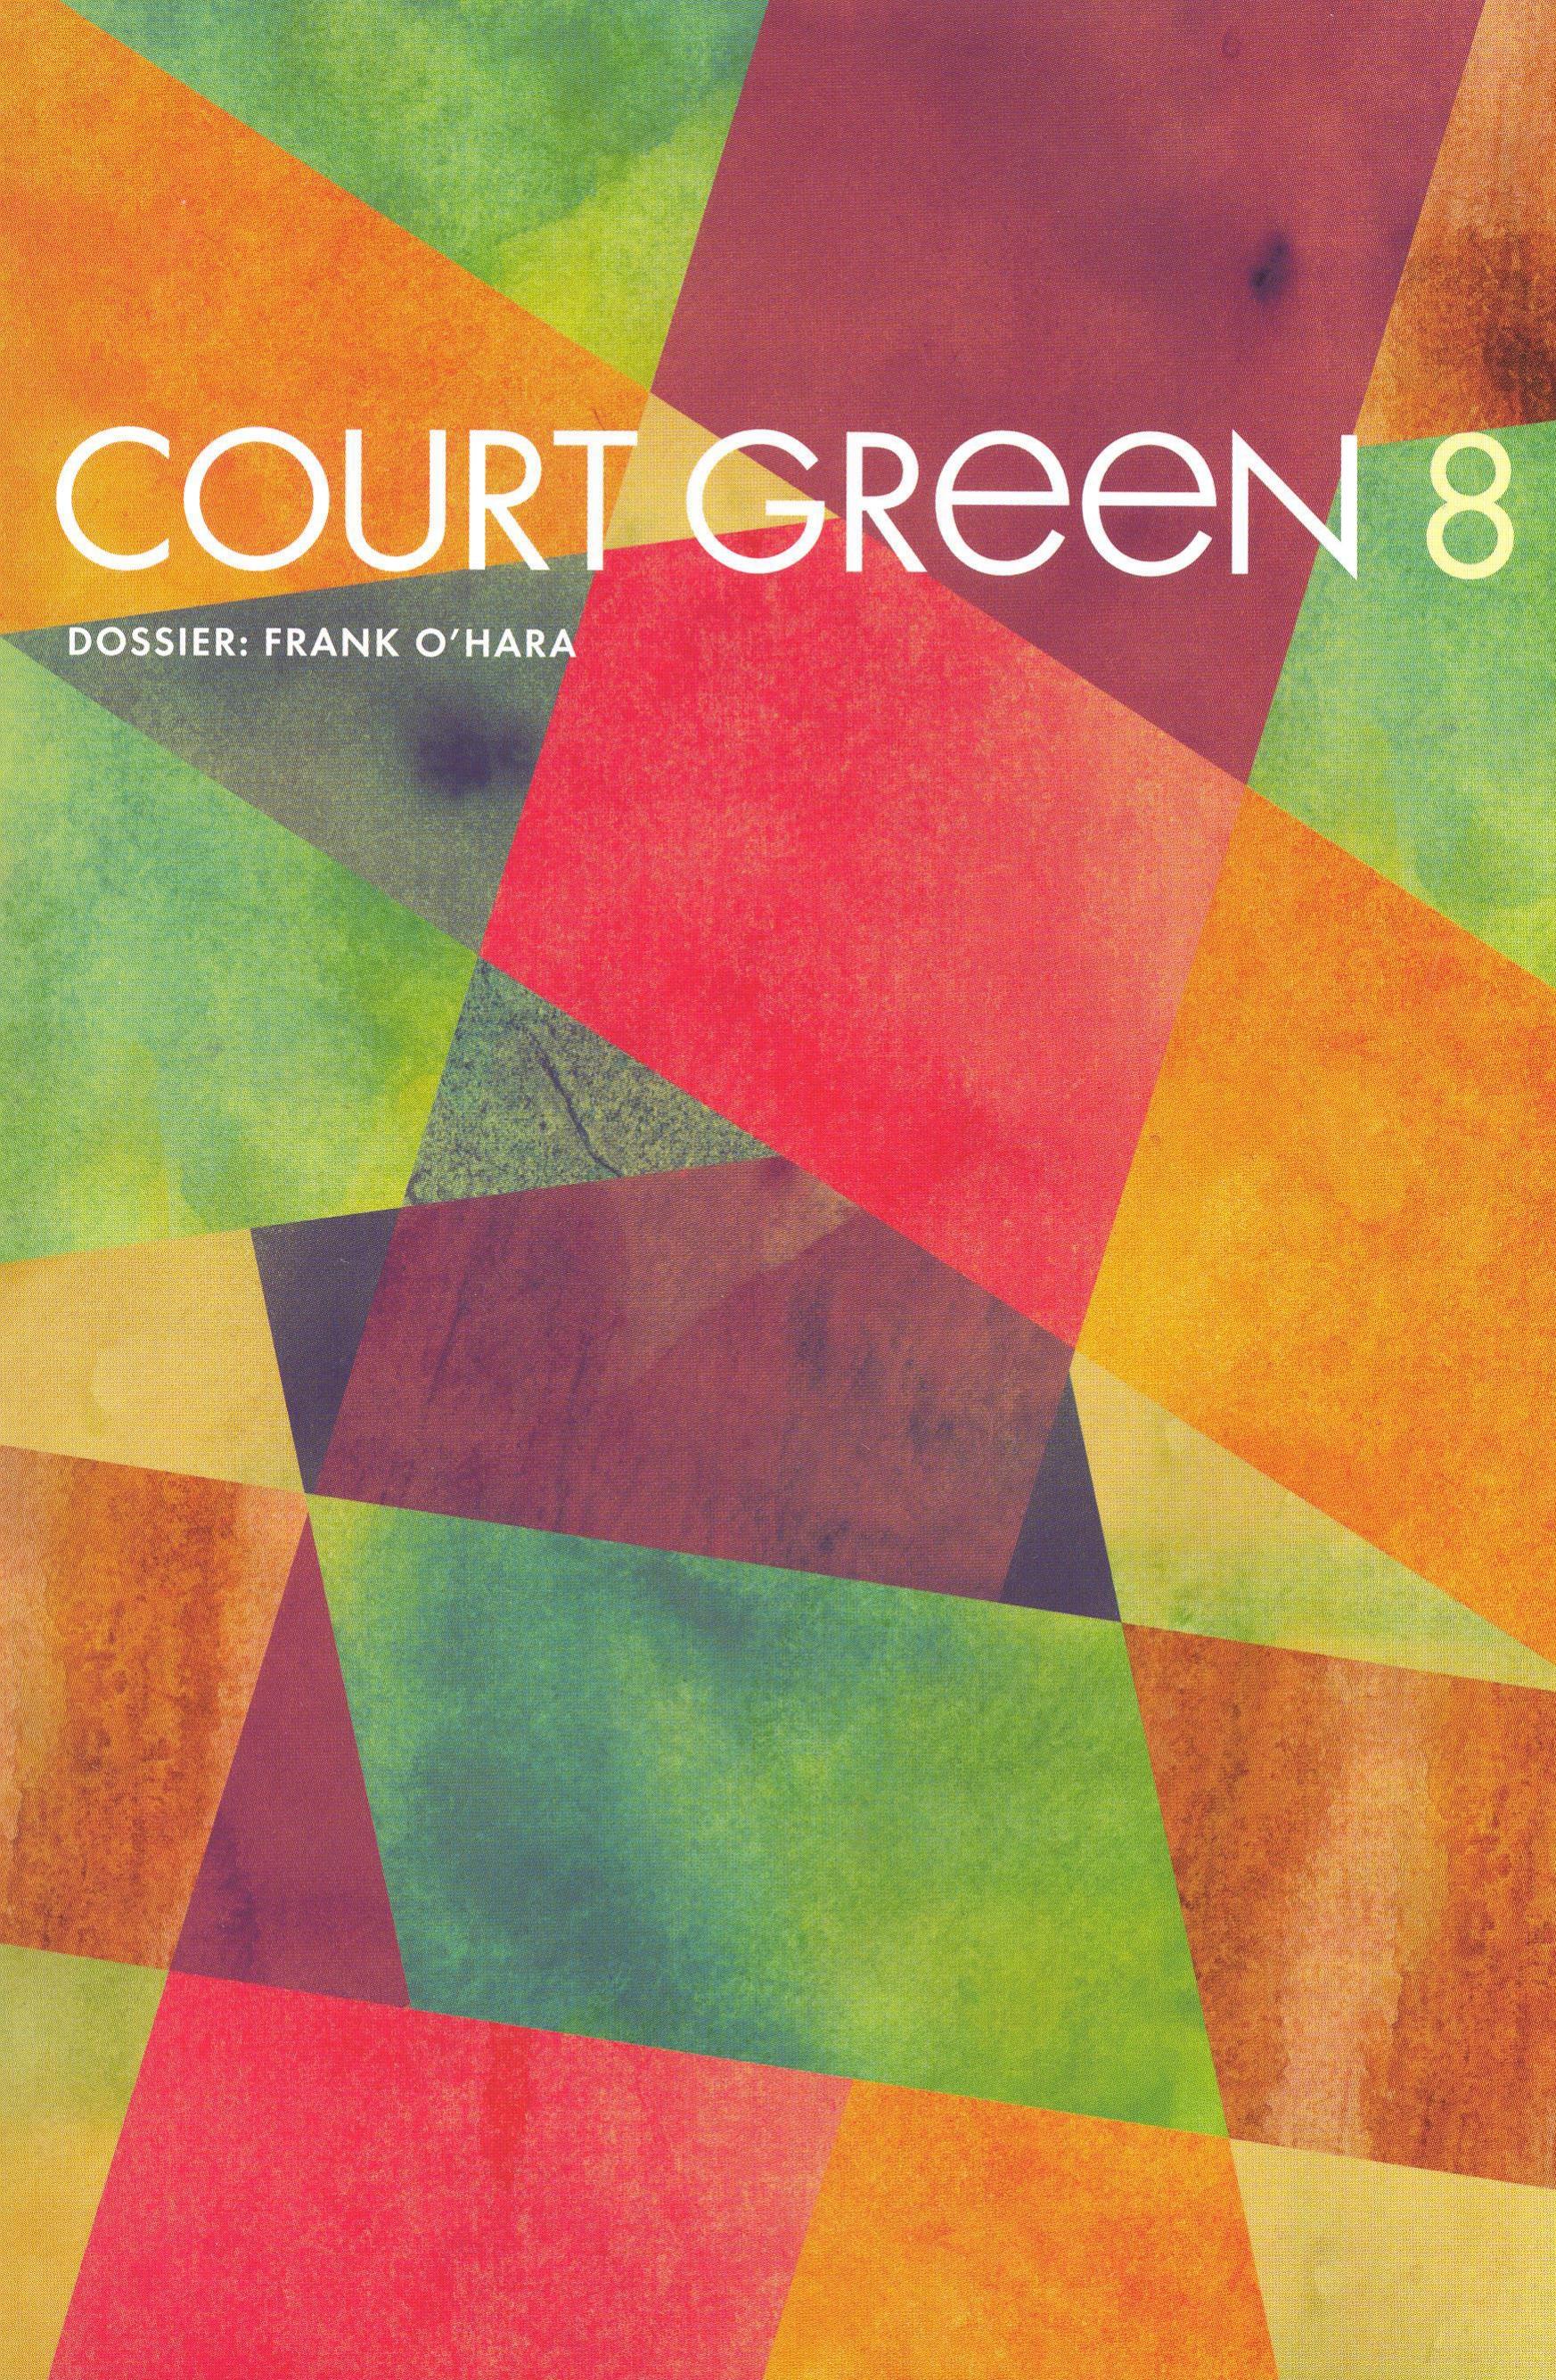 Court Green 8